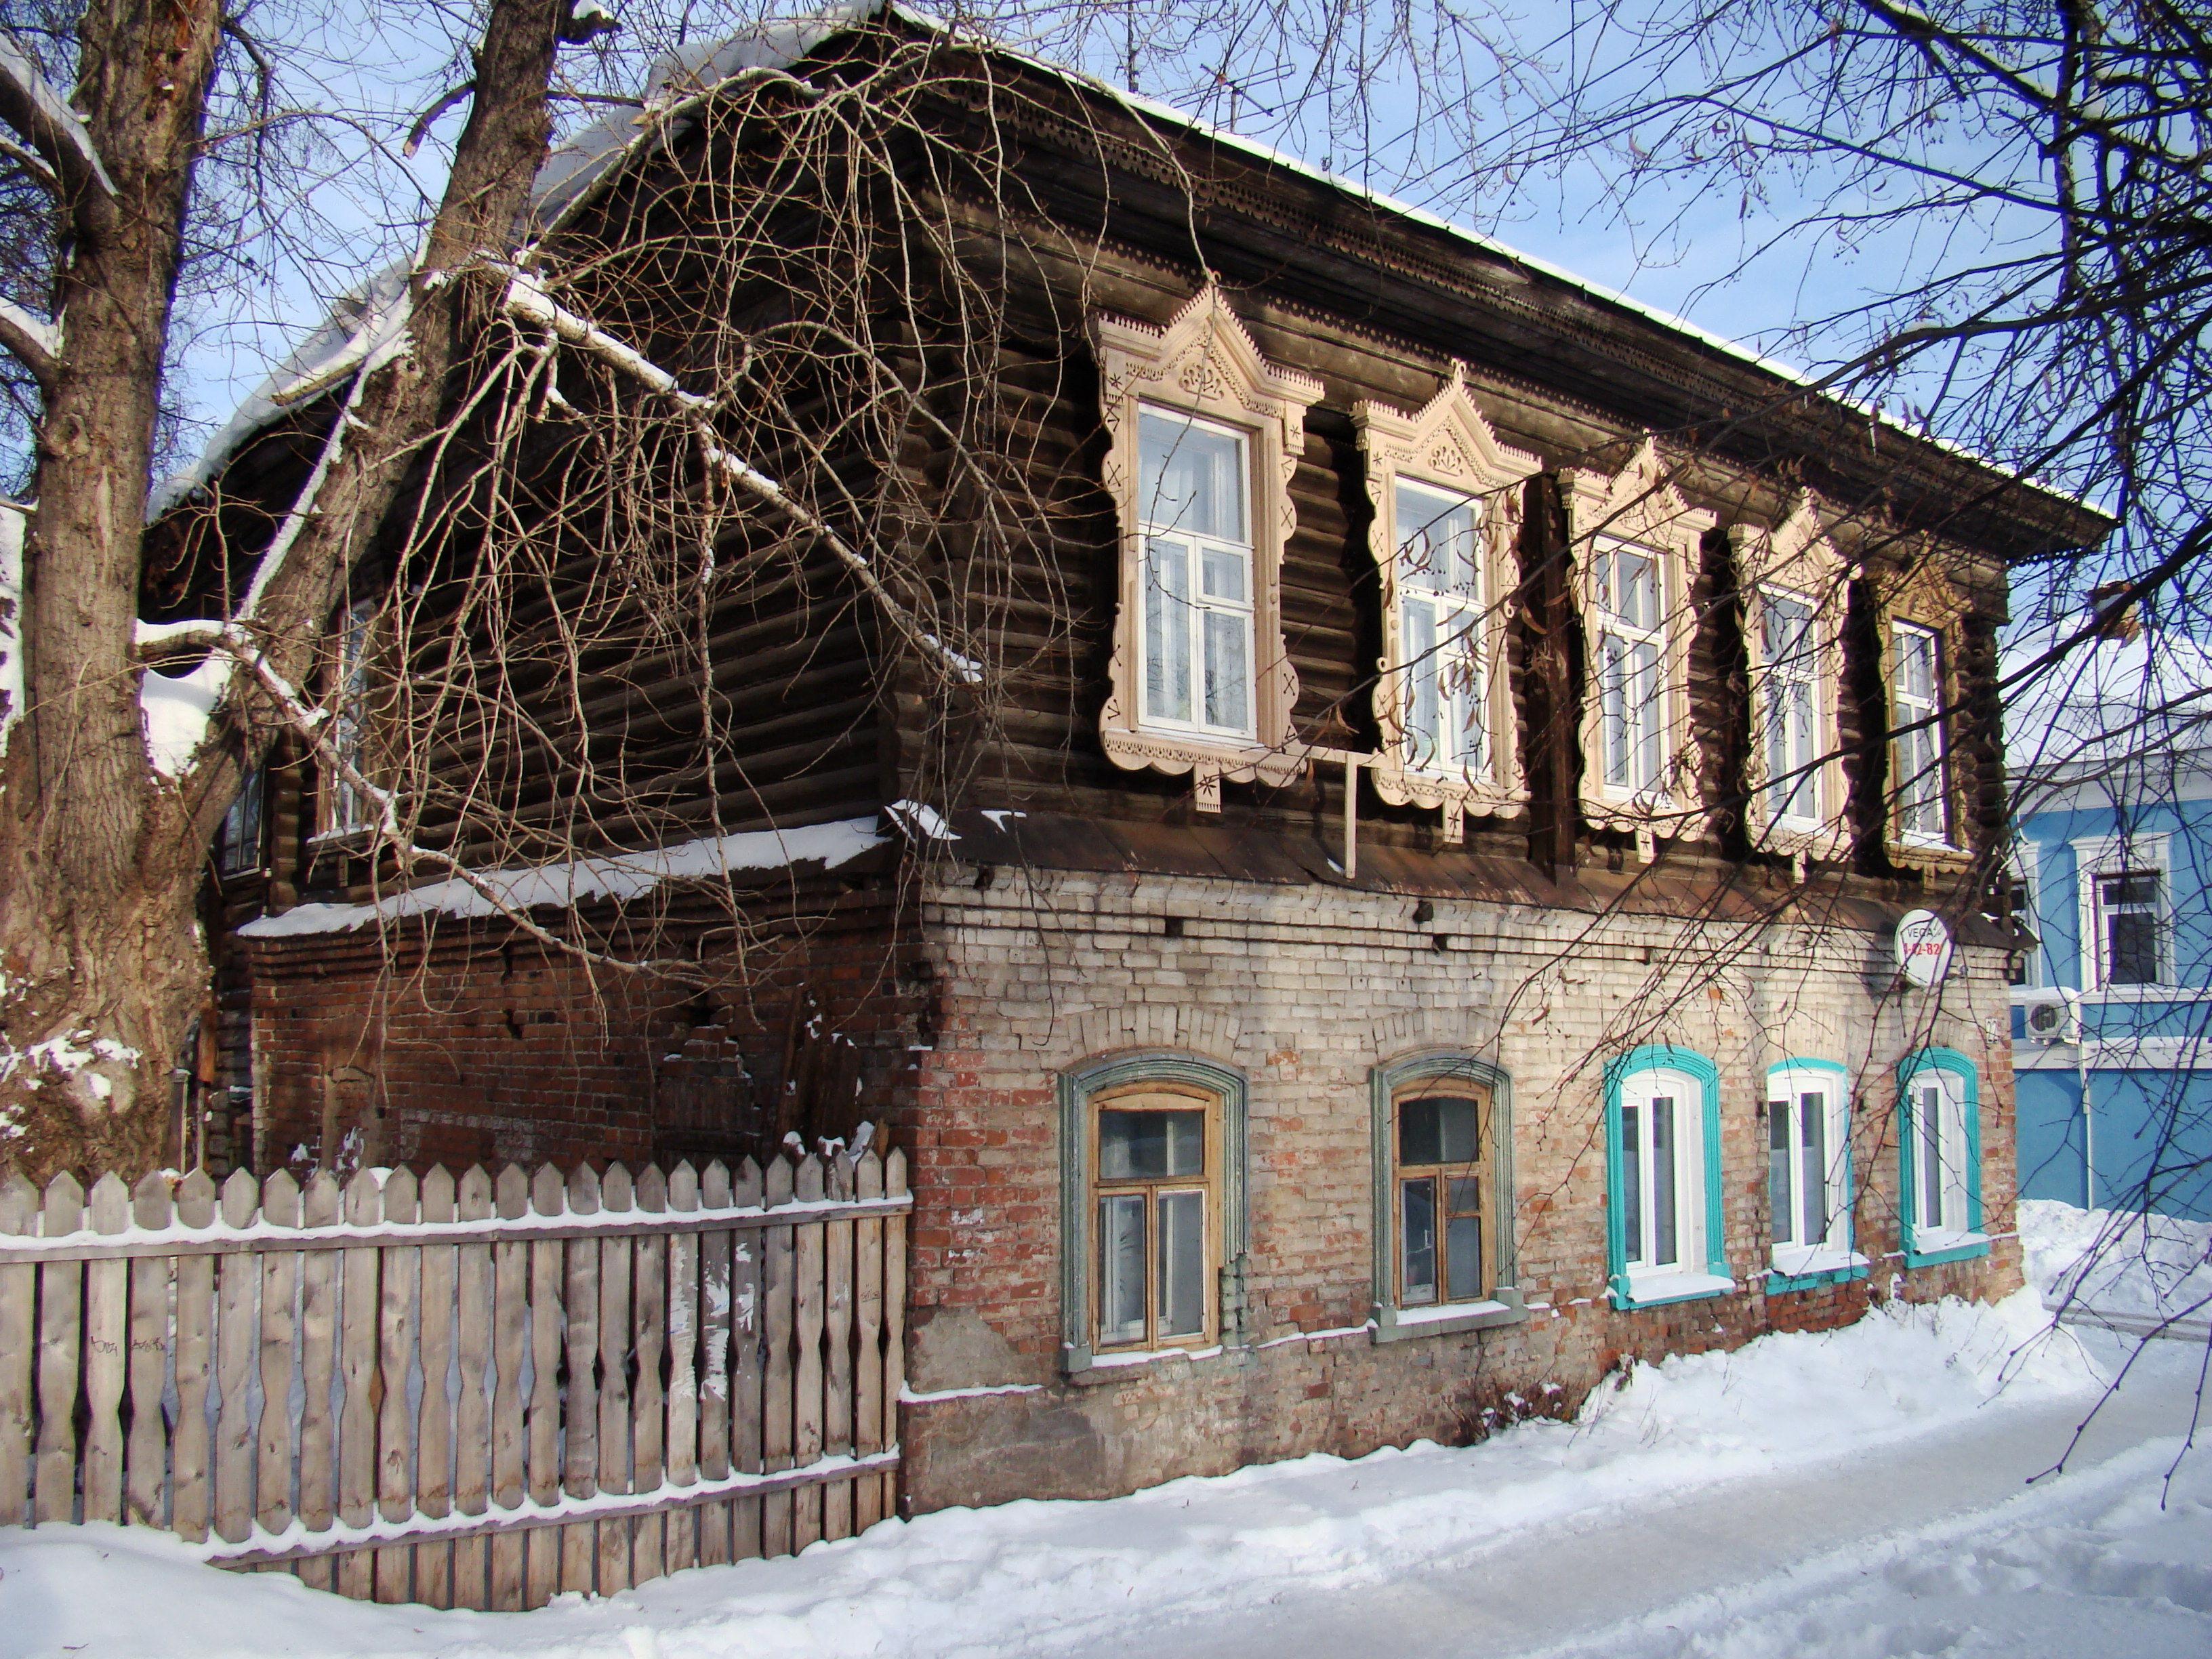 Сарапул, ул. Советская, 22. Дом лесопромышленника Николая Агафоновича Лябова